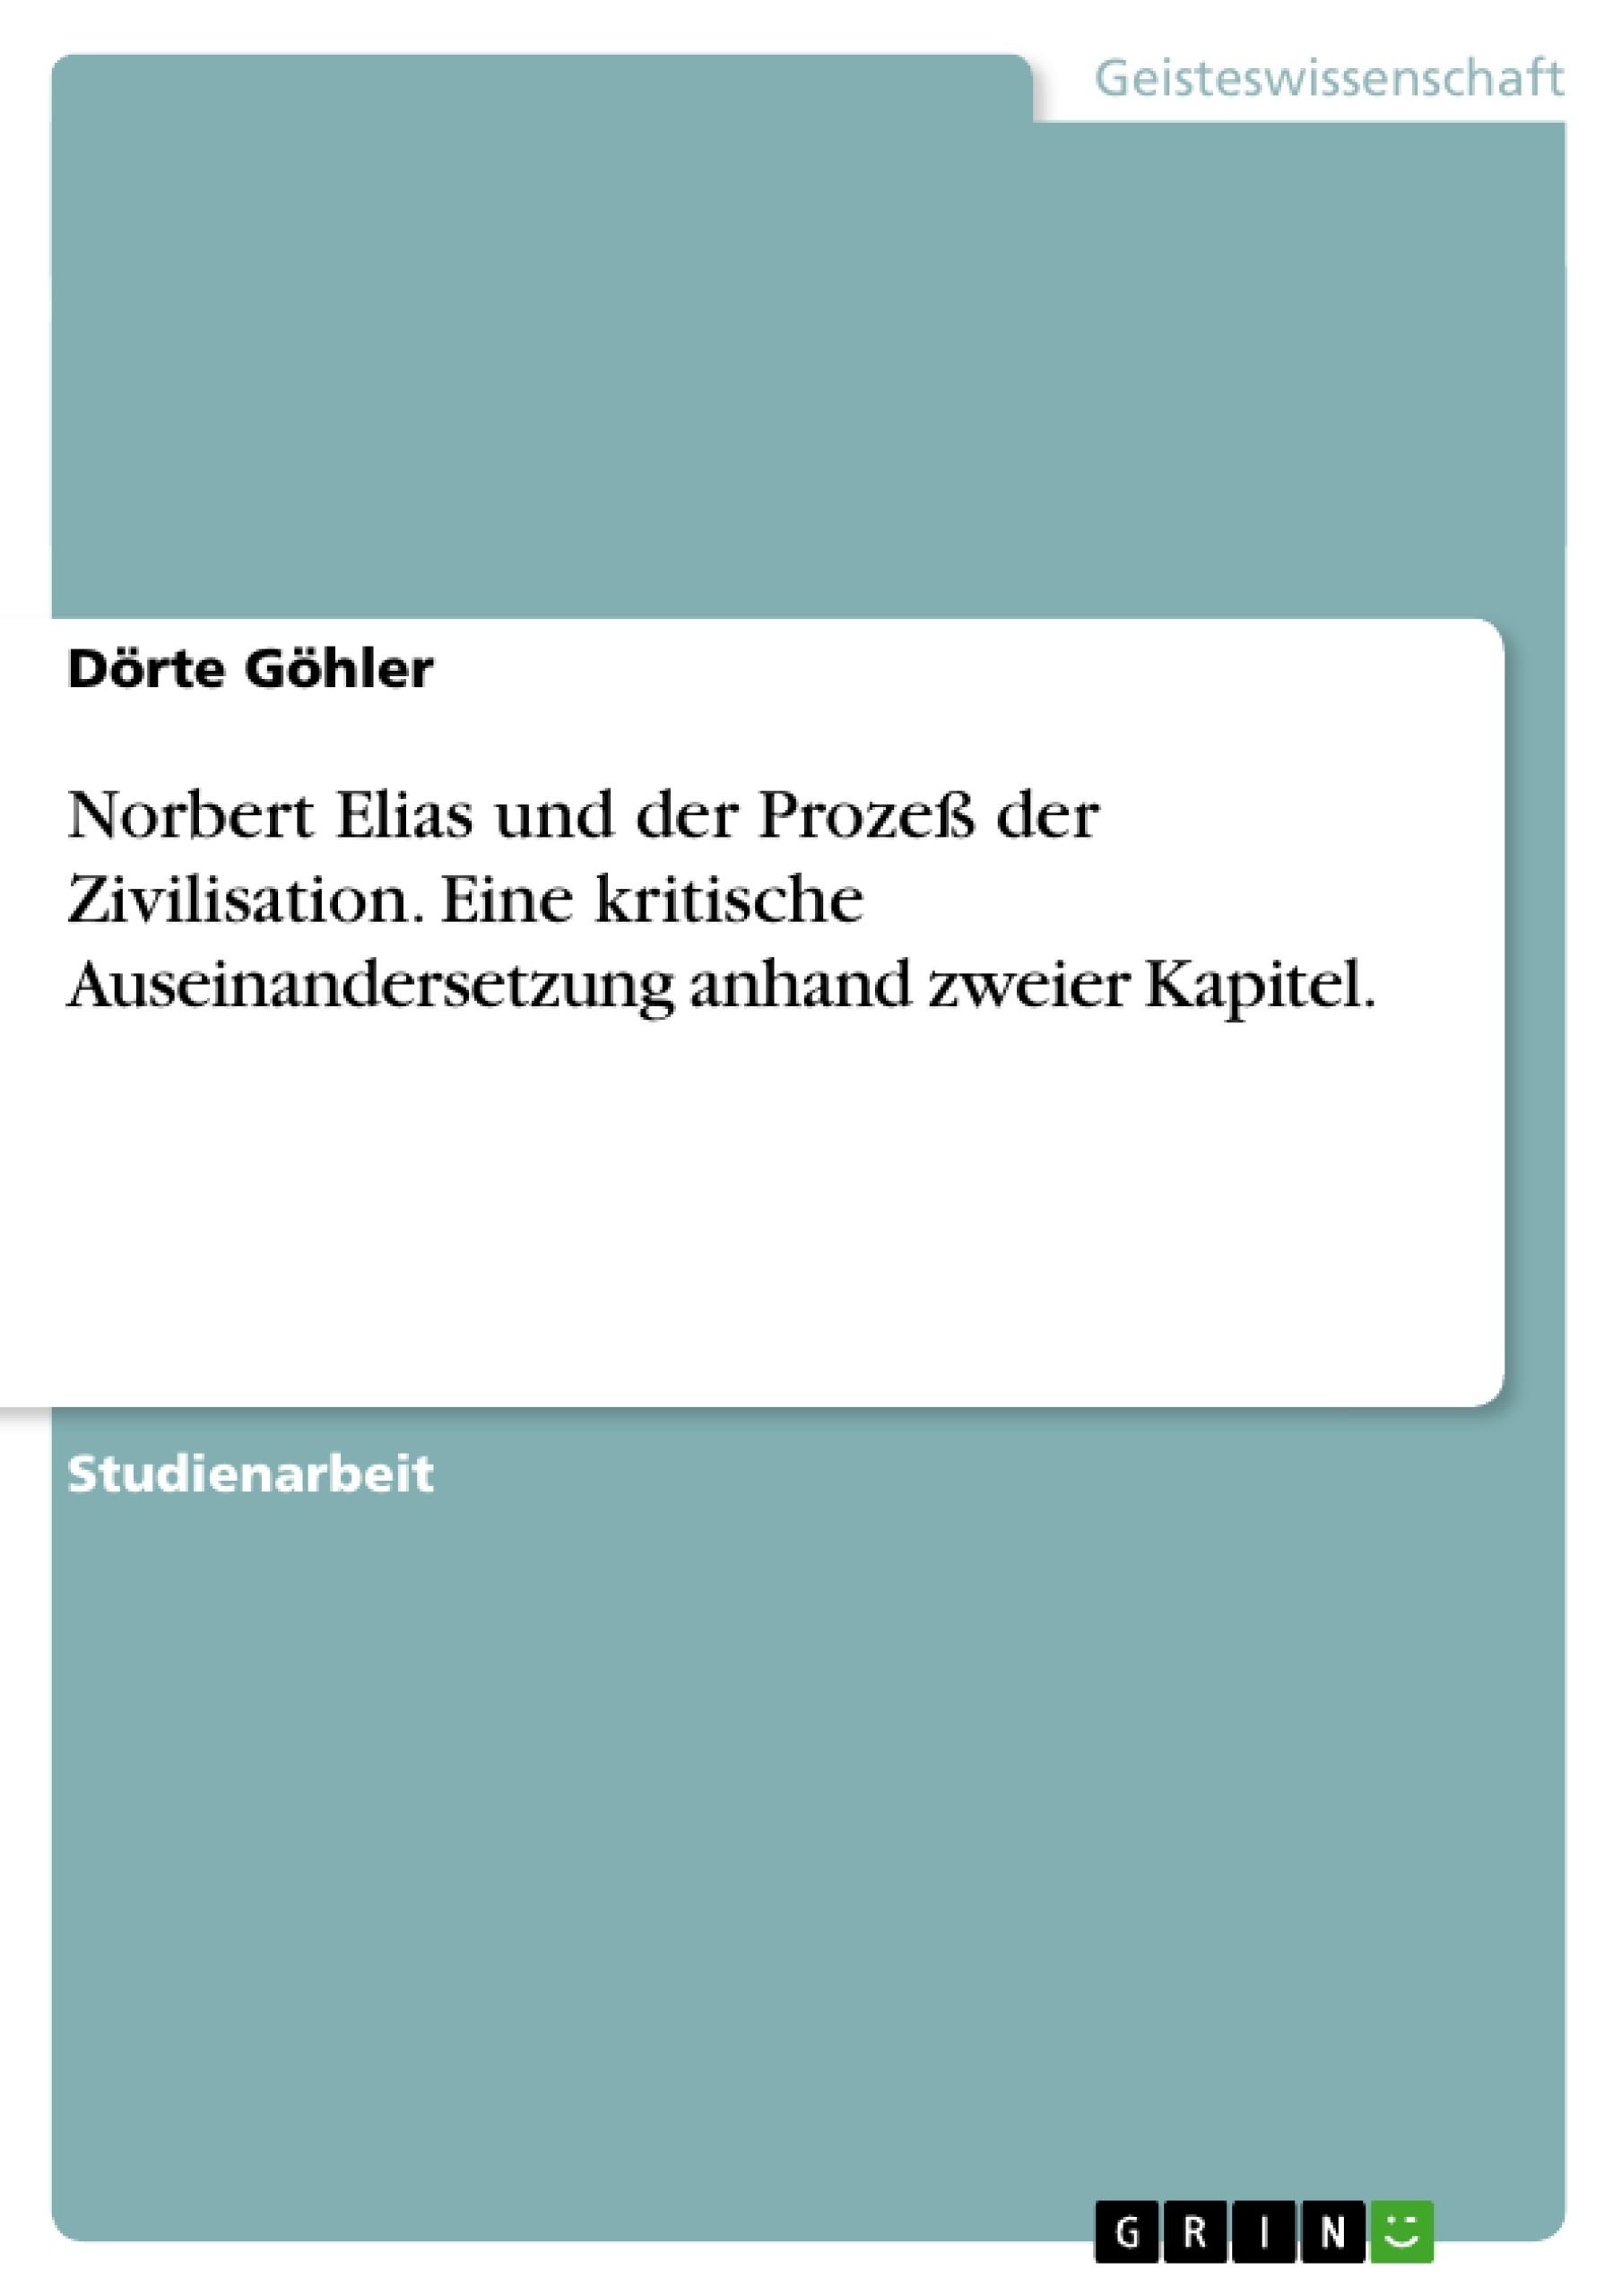 Titel: Norbert Elias und der Prozeß der Zivilisation. Eine kritische      Auseinandersetzung anhand zweier Kapitel.